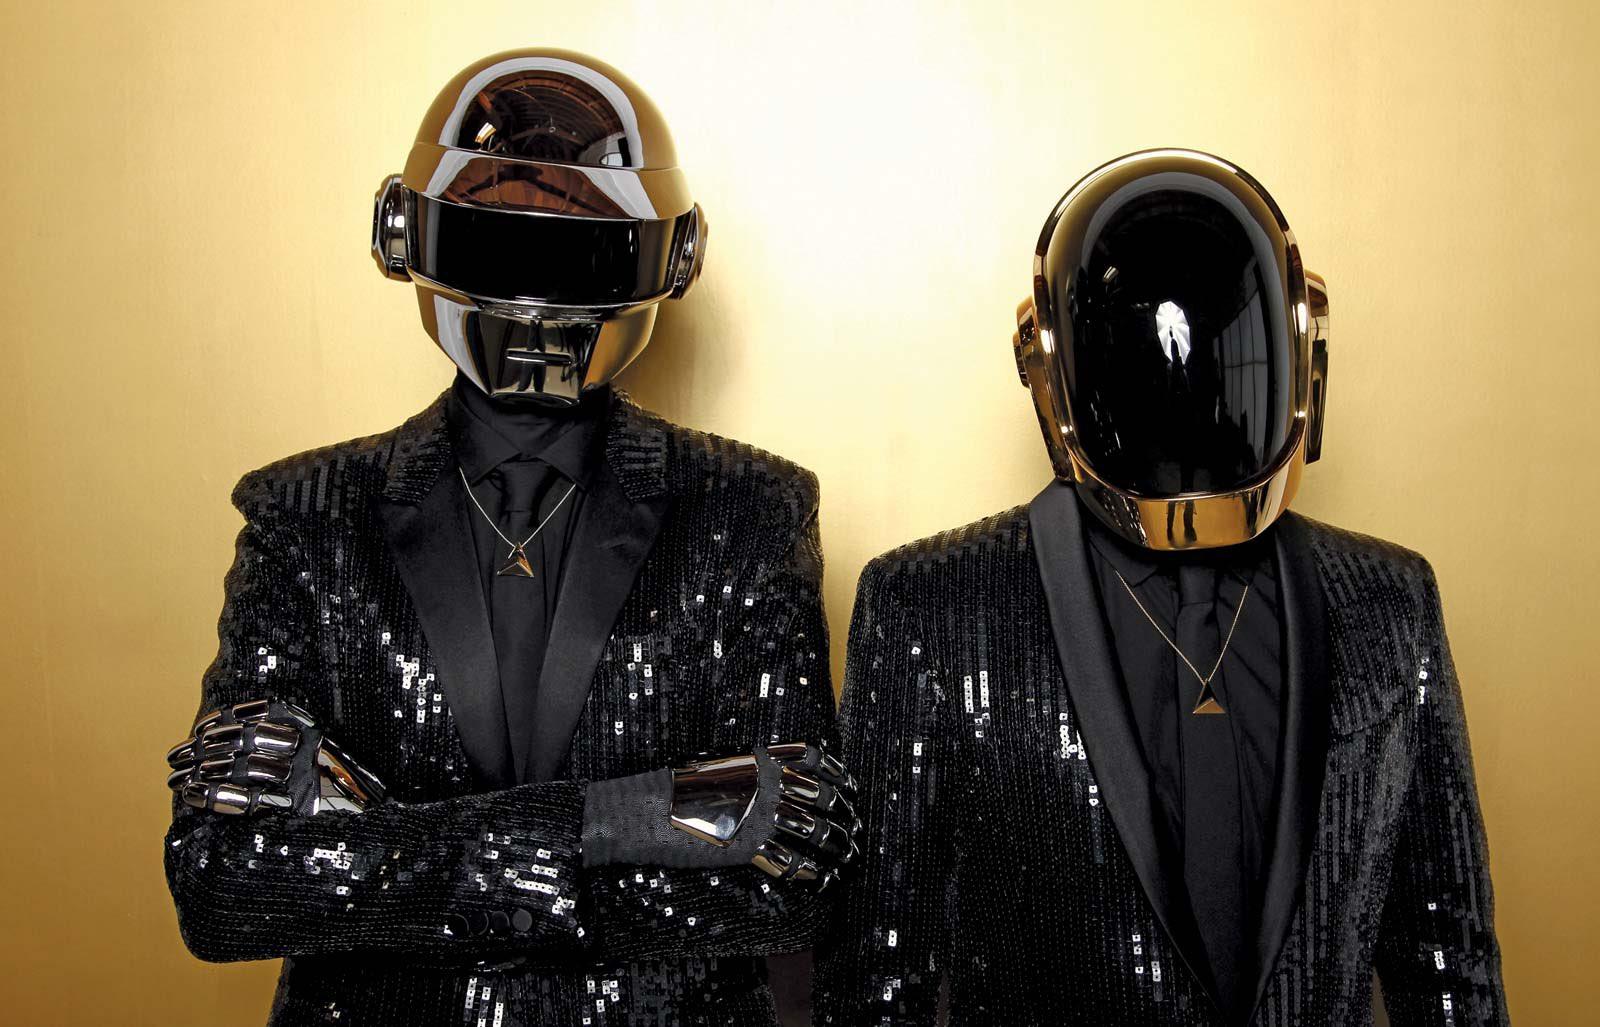 Roboții își pun casca în cui. Daft Punk anunță finalul carierei